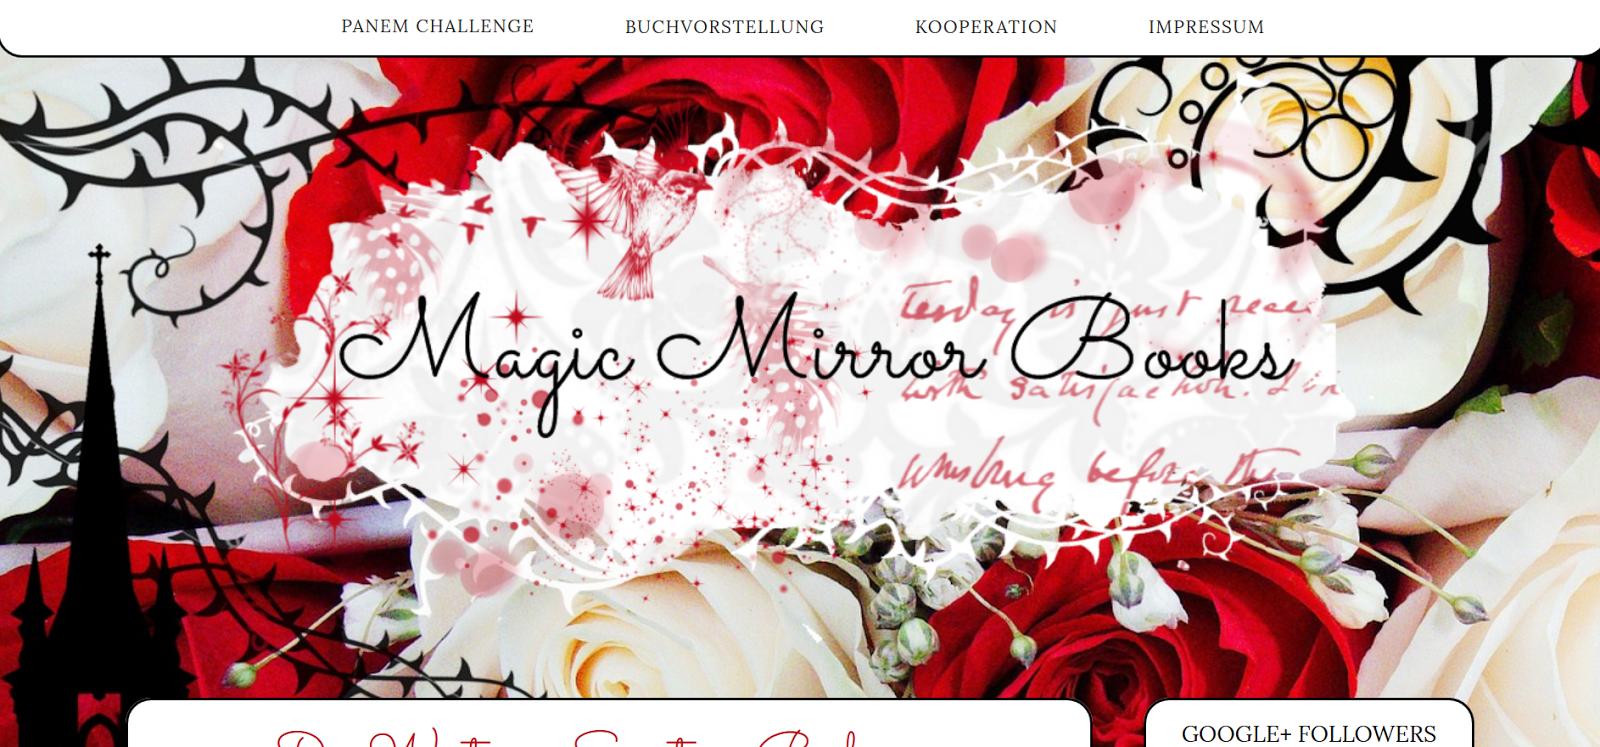 http://magicmirrorbooks.blogspot.de/